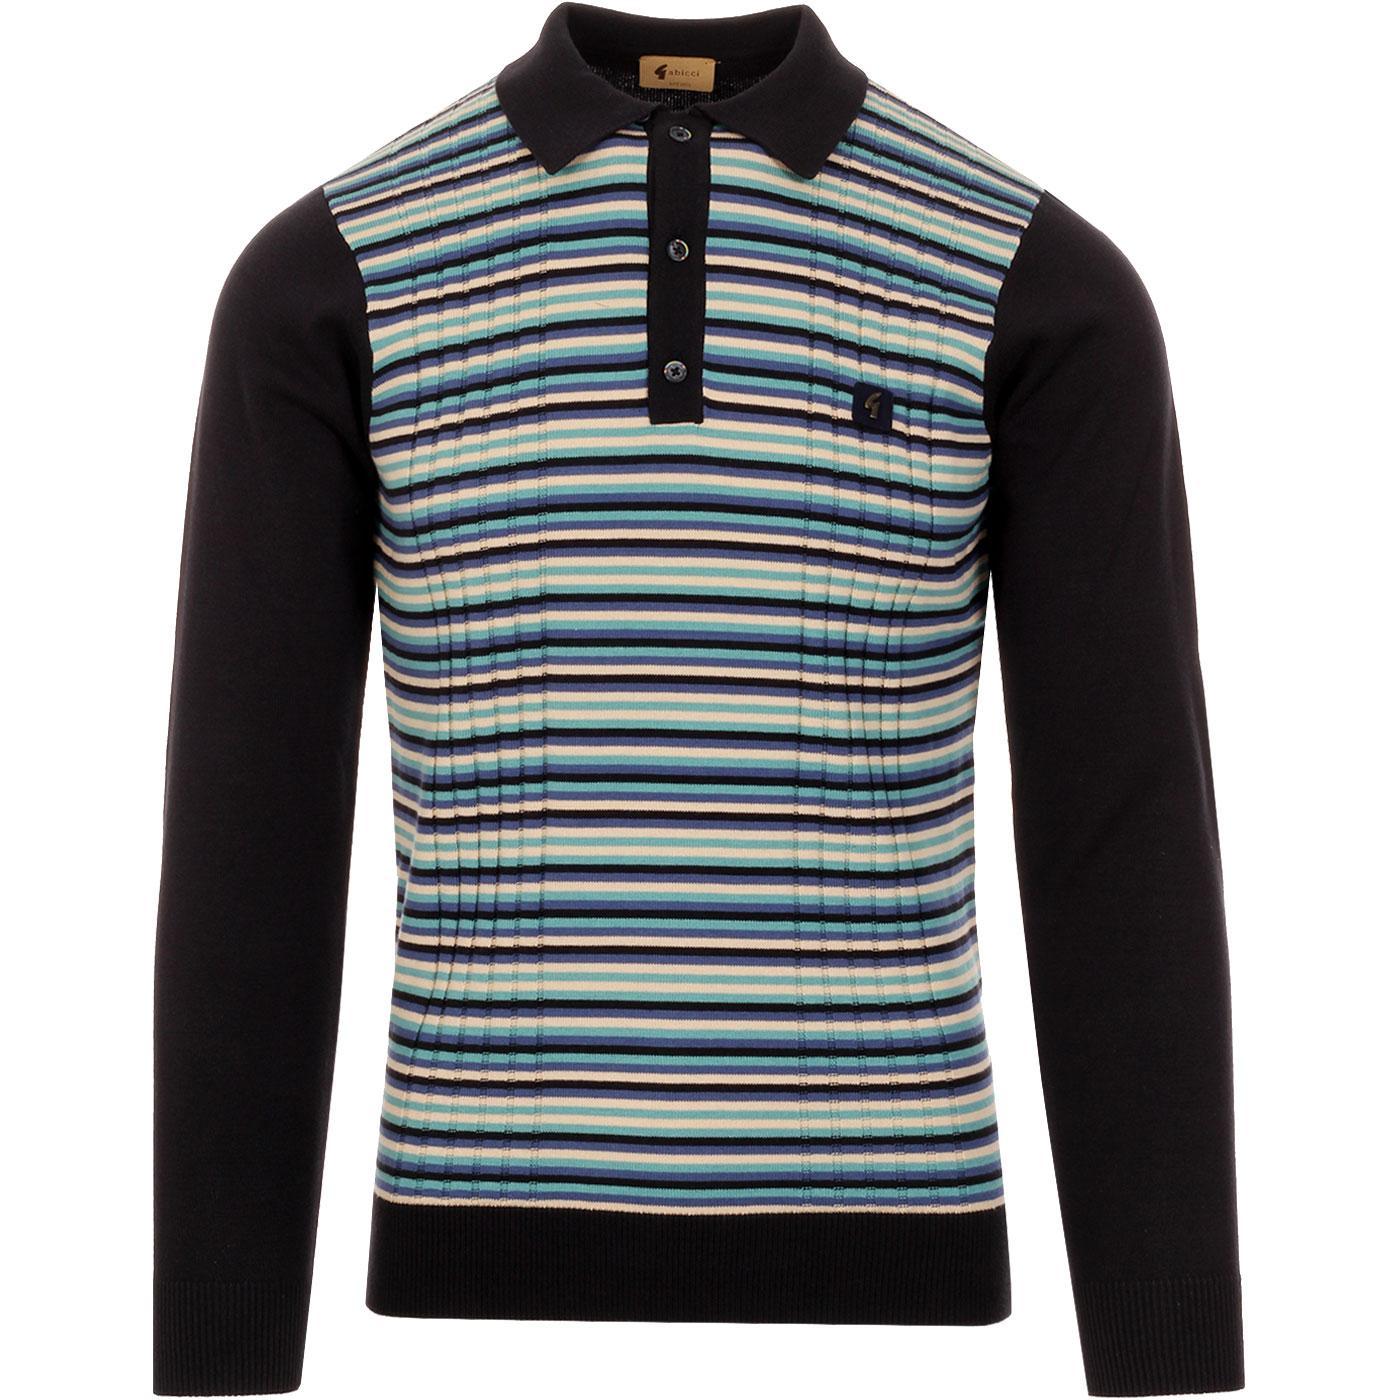 Stratus GABICCI VINTAGE Texture Stripe Mod Polo